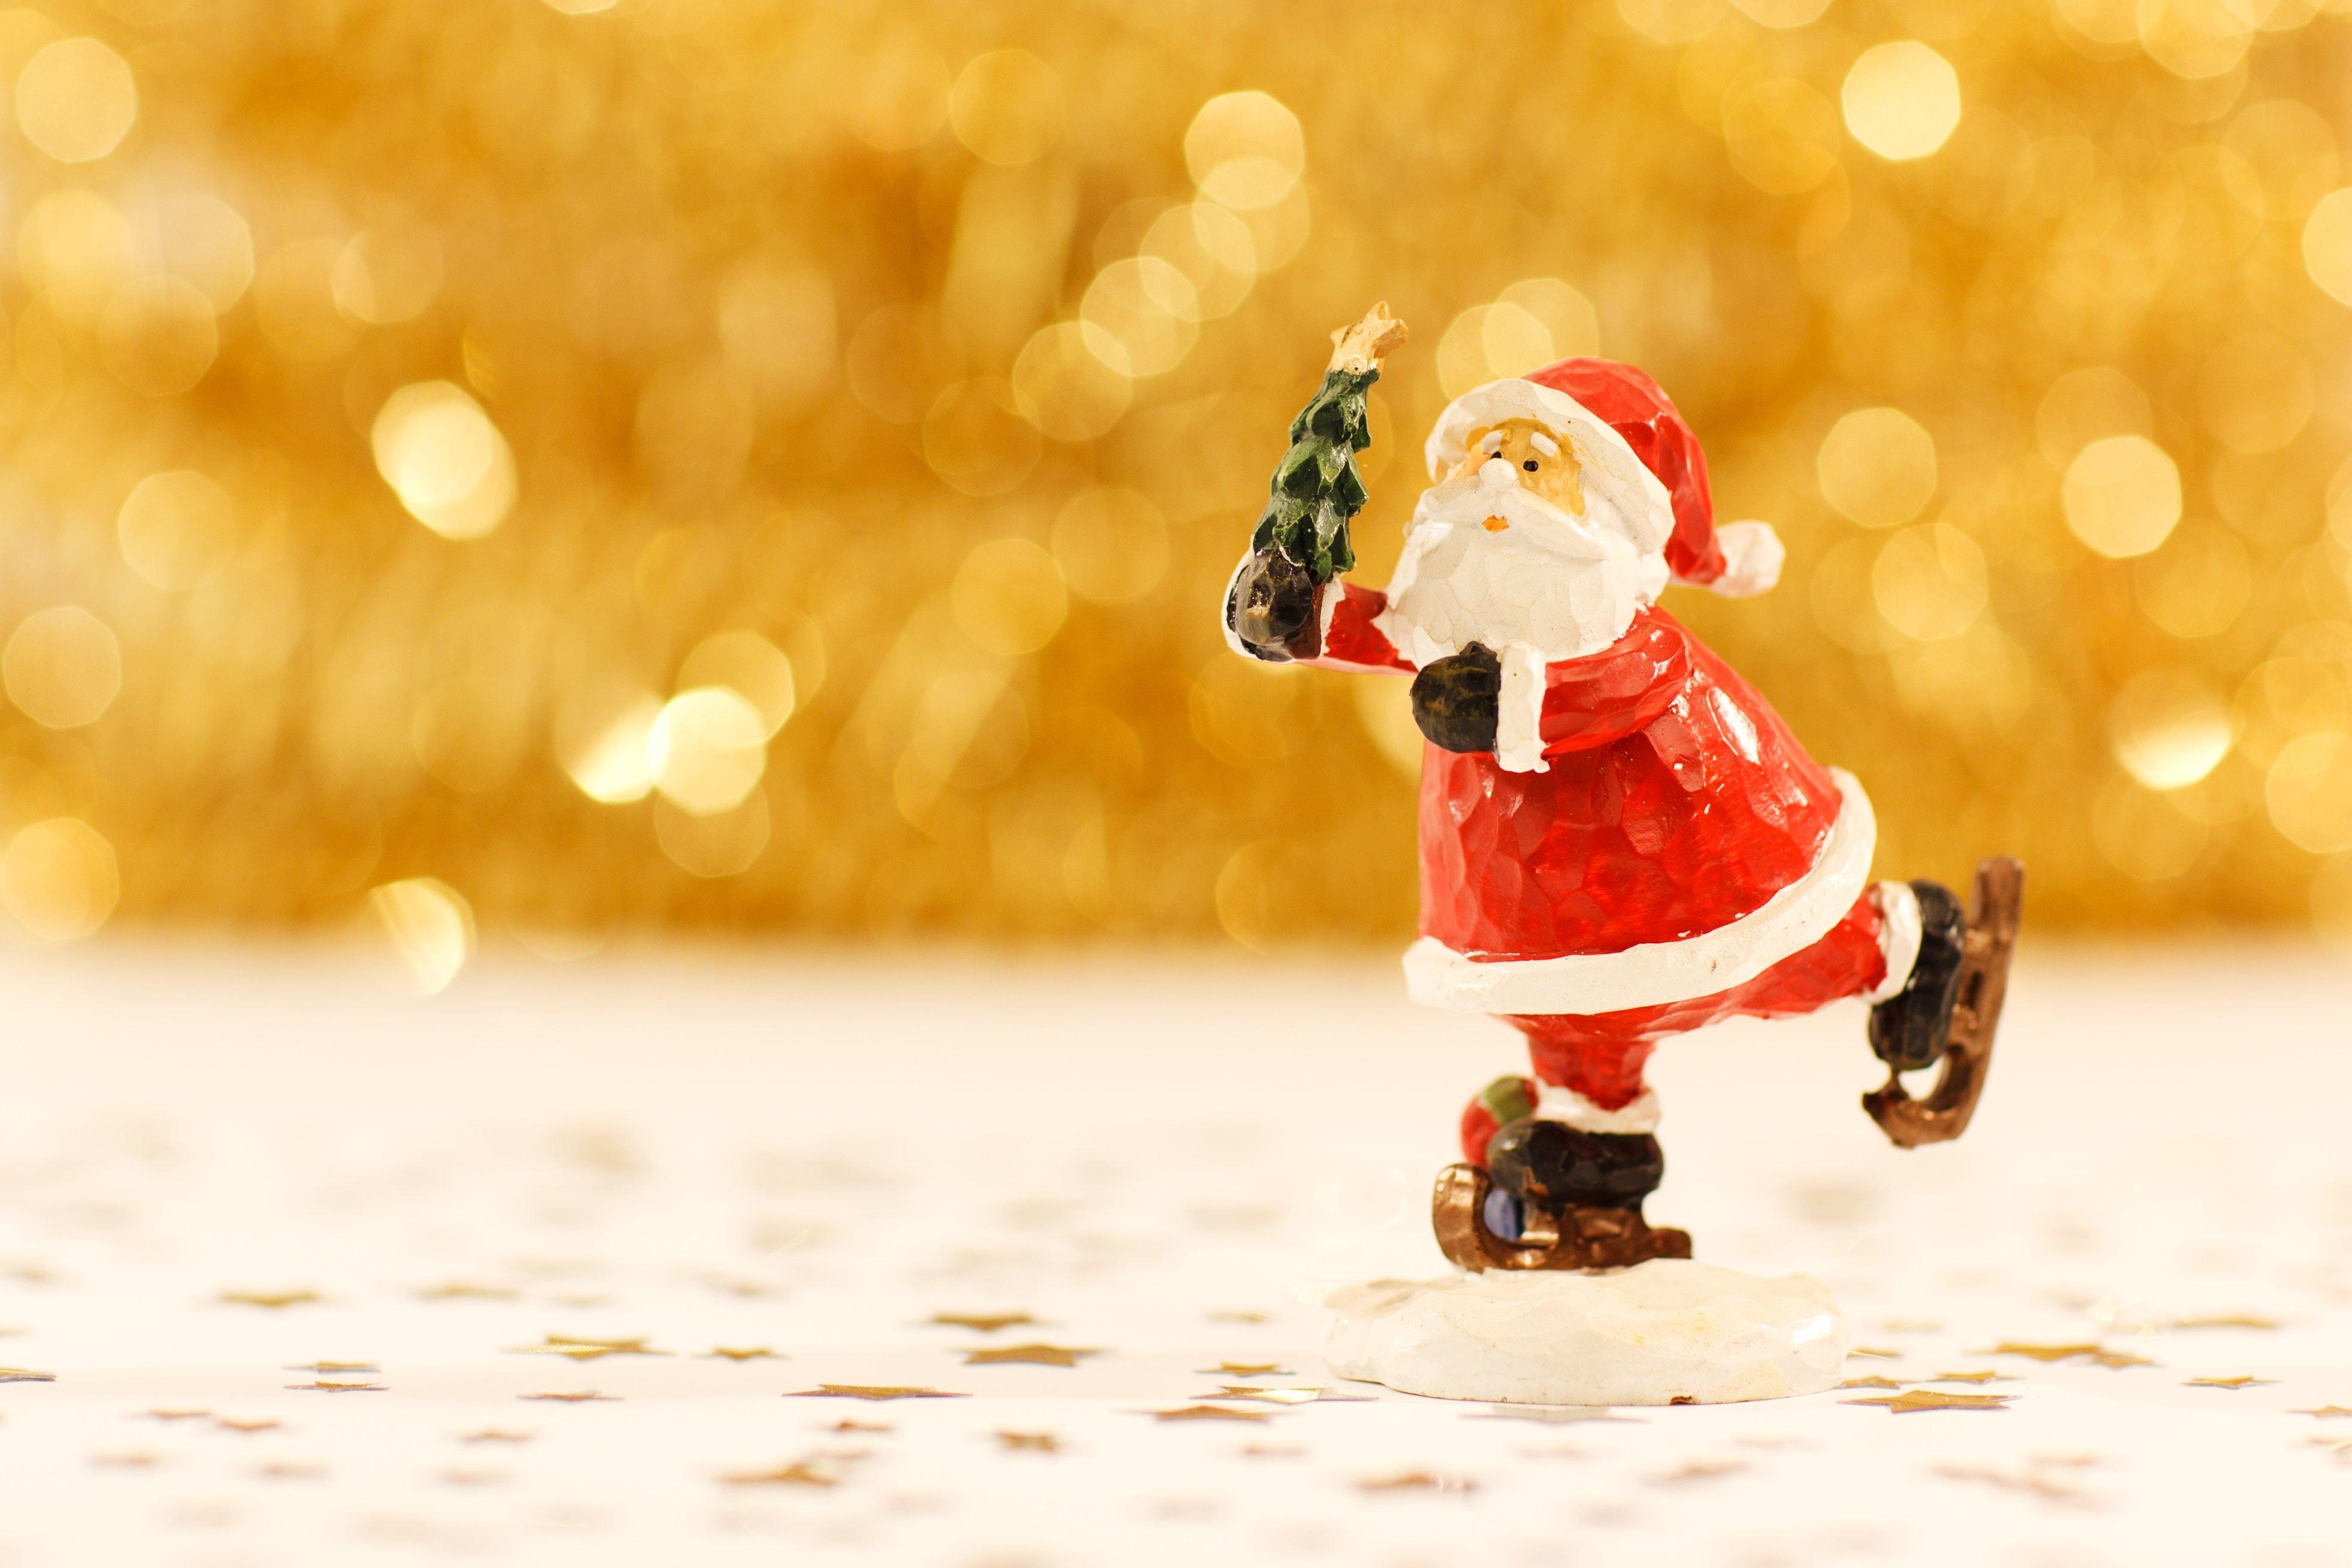 ベトナムのクリスマスは祝日になる?? プレゼントやケーキ事情も紹介,ベトナム,クリスマス,プレゼント,ケーキ,祝日